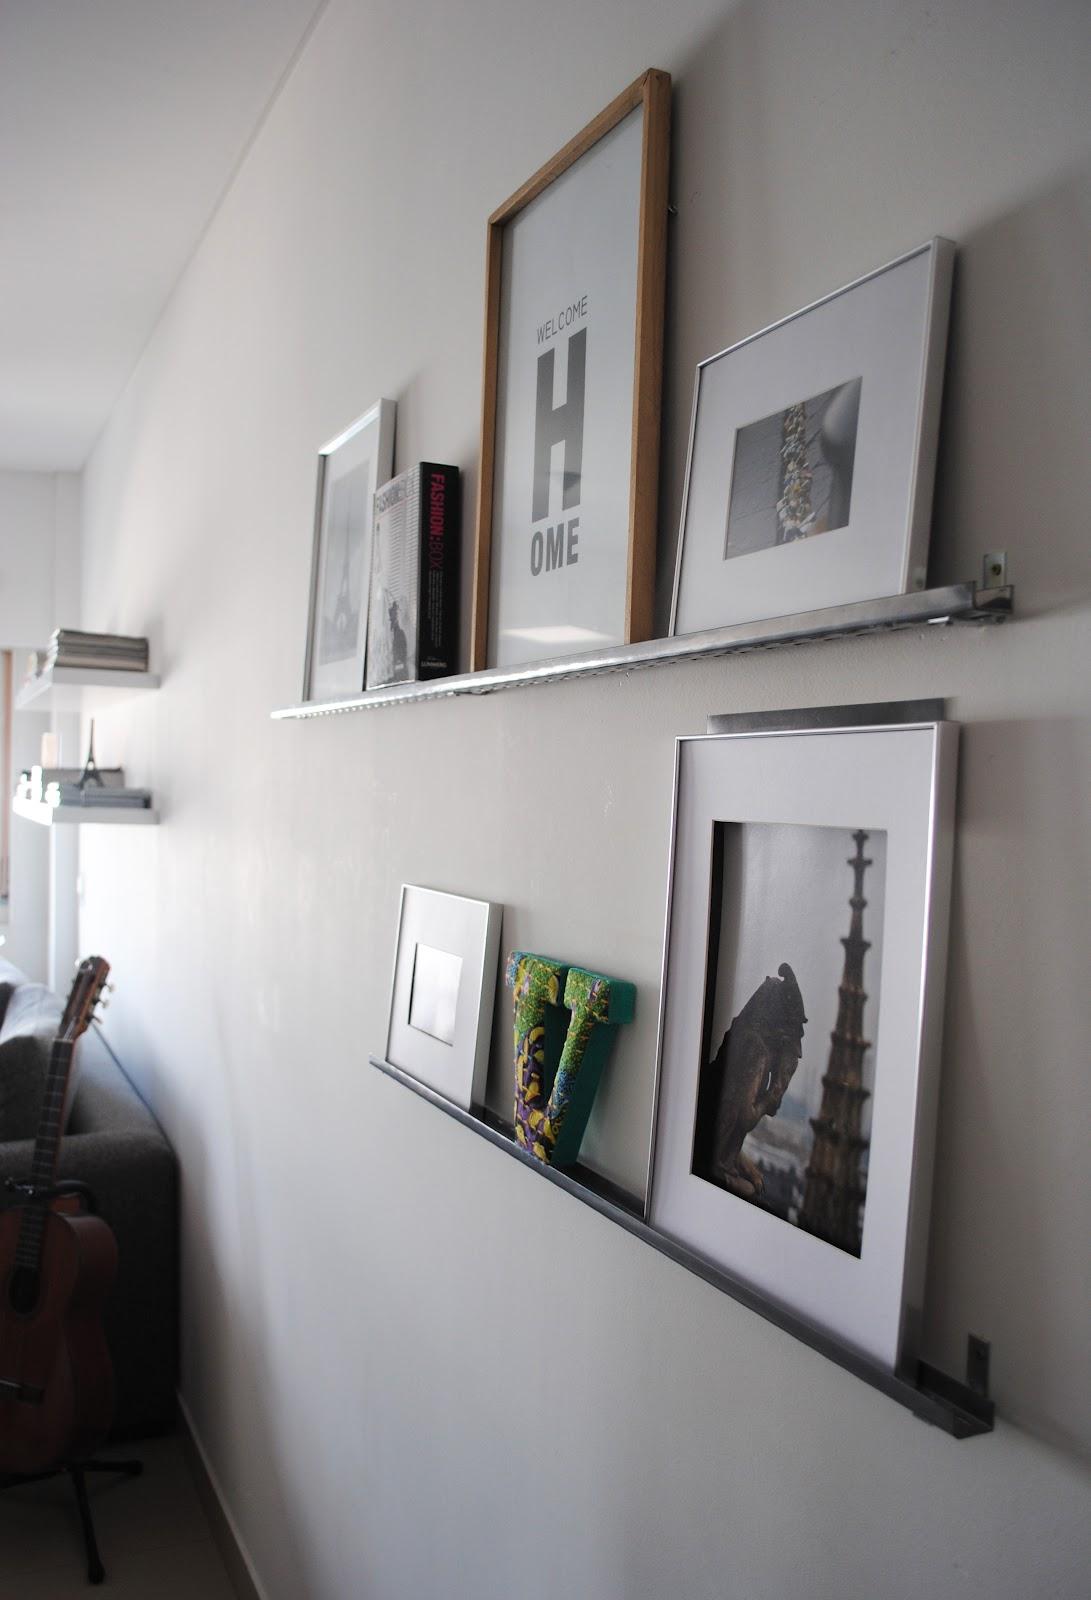 From beirut desaf o blad en mi pared - Decorar pasillos con cuadros ...